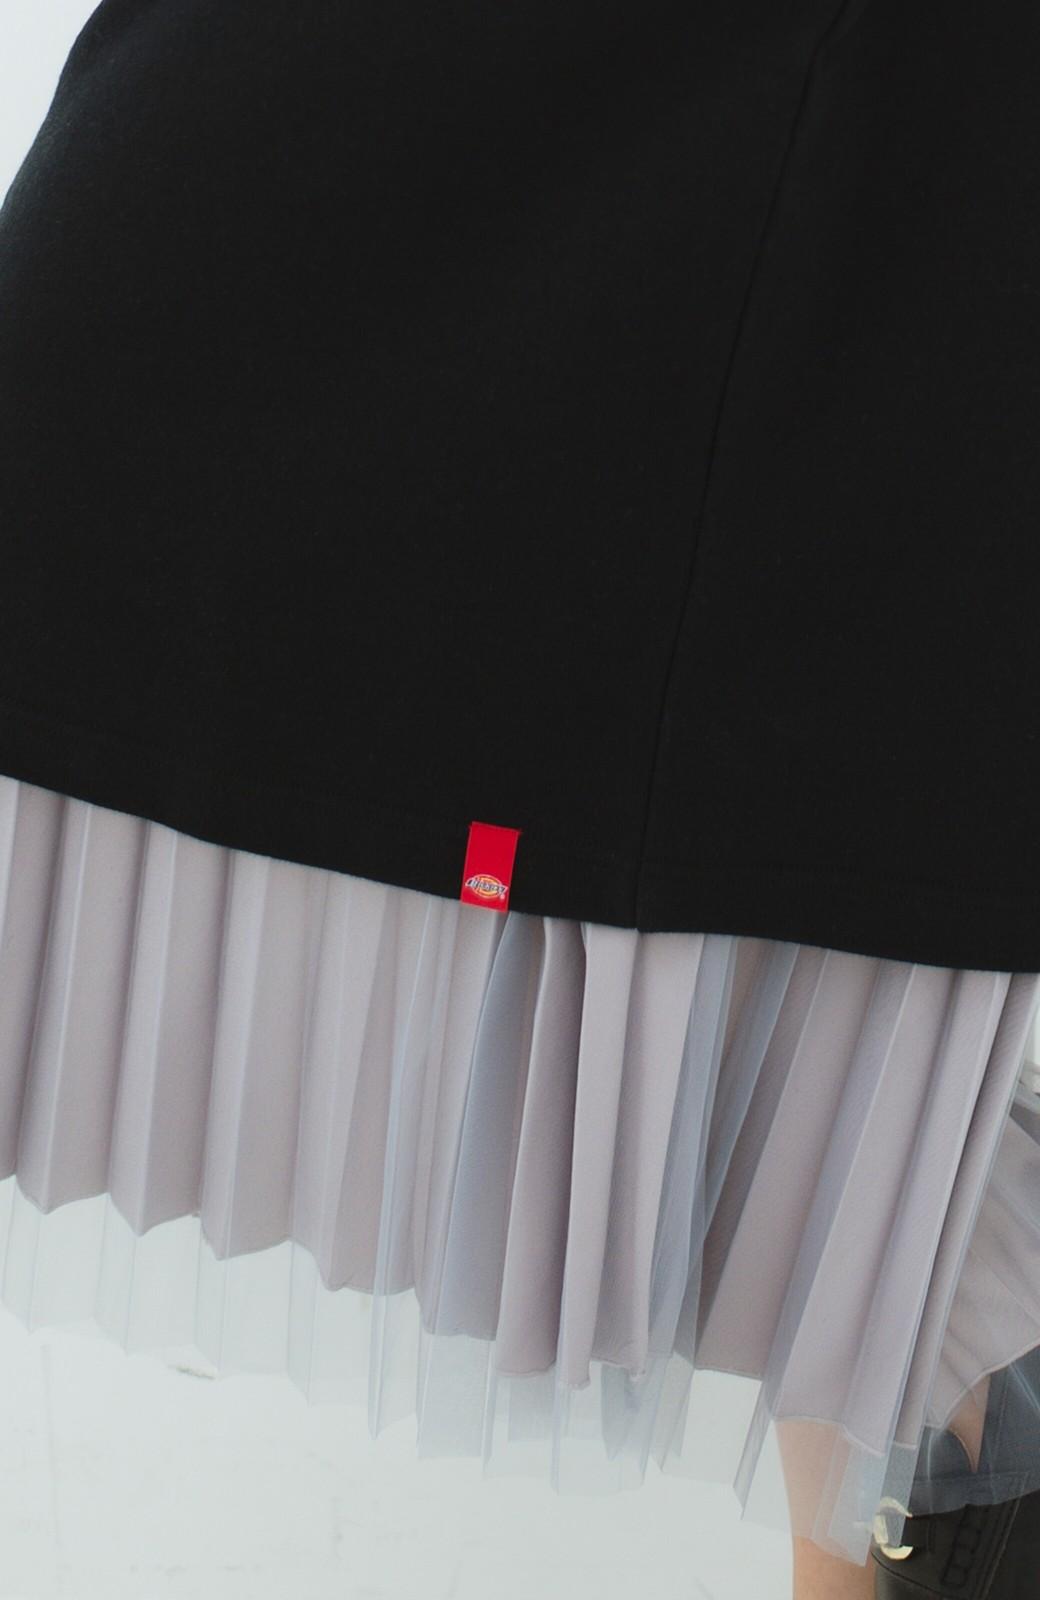 haco! Dickies 別注 ロングシーズン着られるワッペン付きスウェットコクーンワンピース <ブラック>の商品写真4